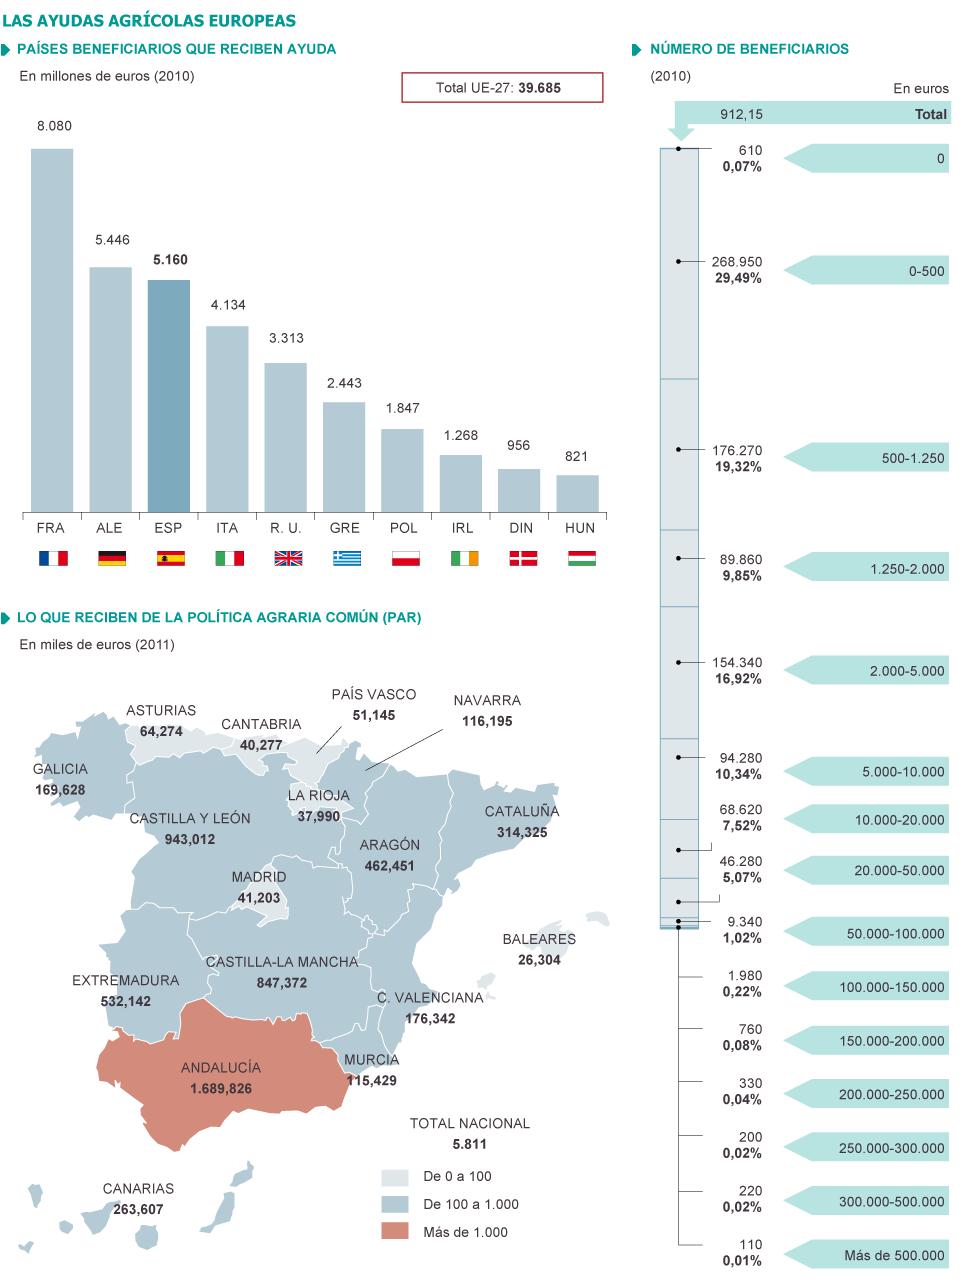 Unión Europea, España: Agricultura, PAC, Política Agraria... Clasista. 1338754100_733390_1338851943_sumario_grande